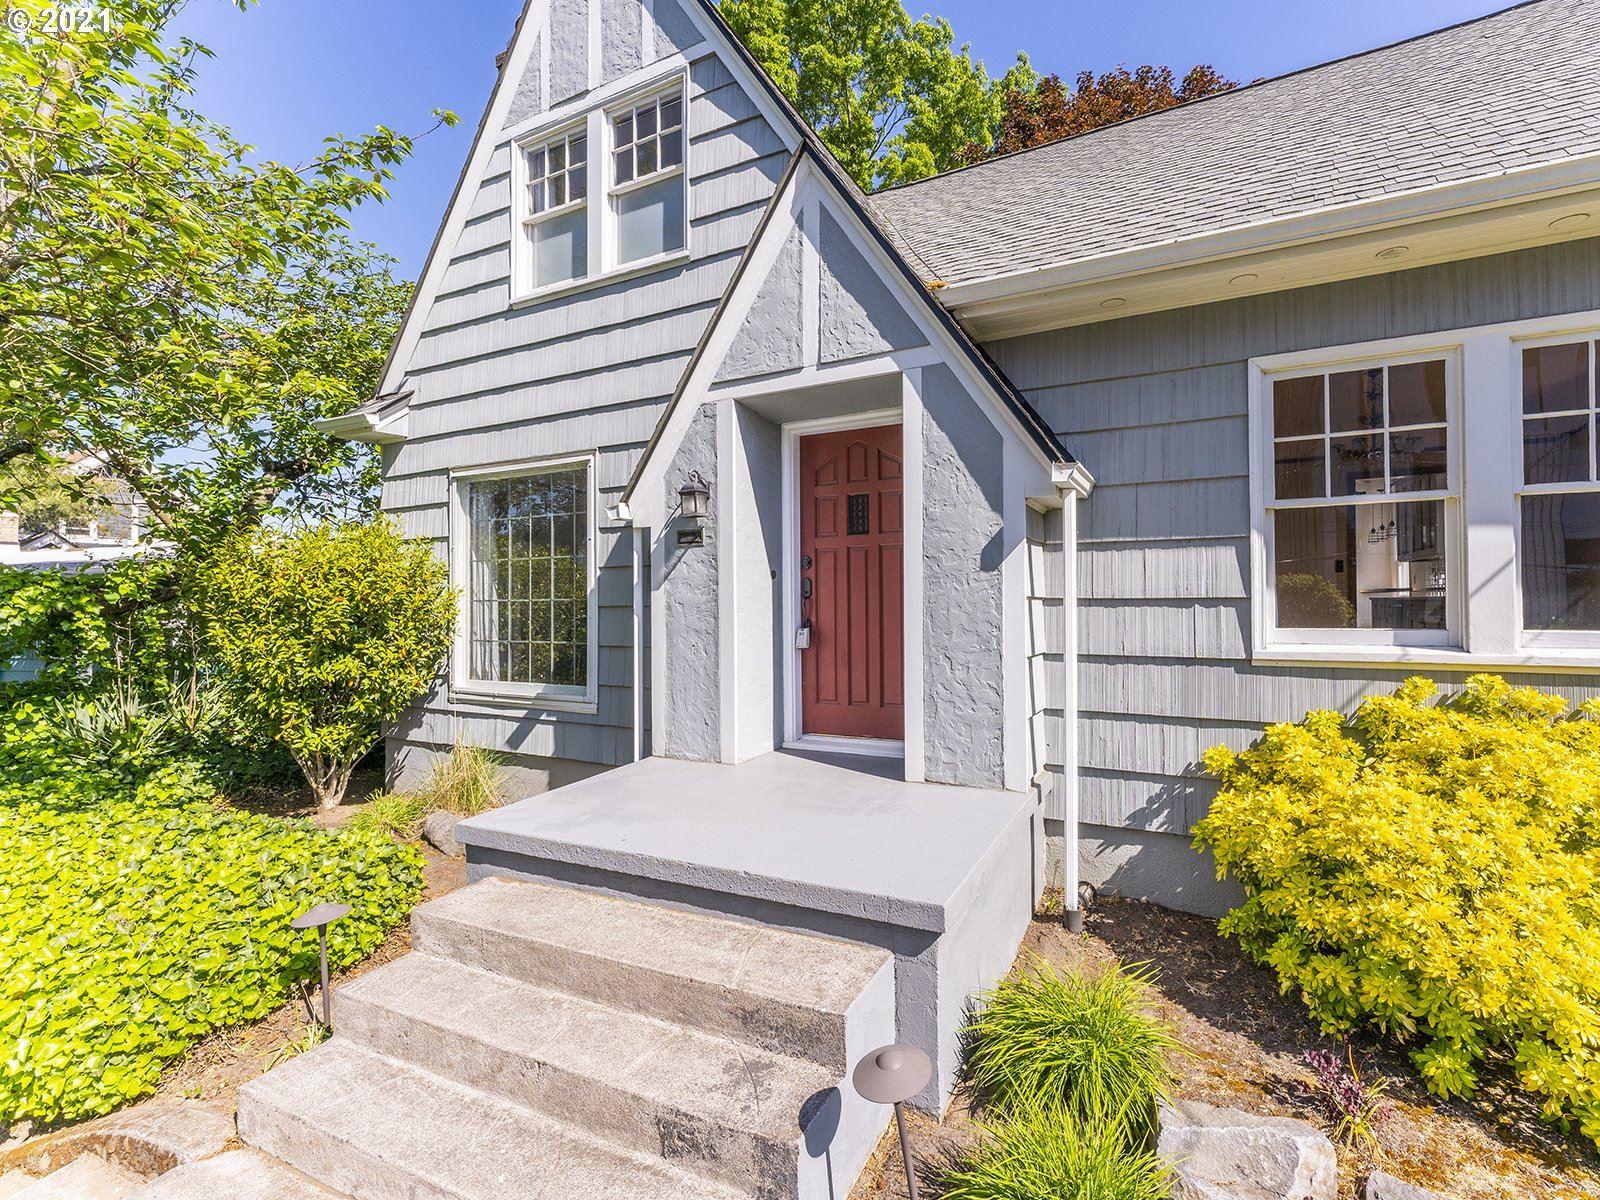 2525 N SUMNER ST, Portland, OR 97217 - MLS#: 21209949